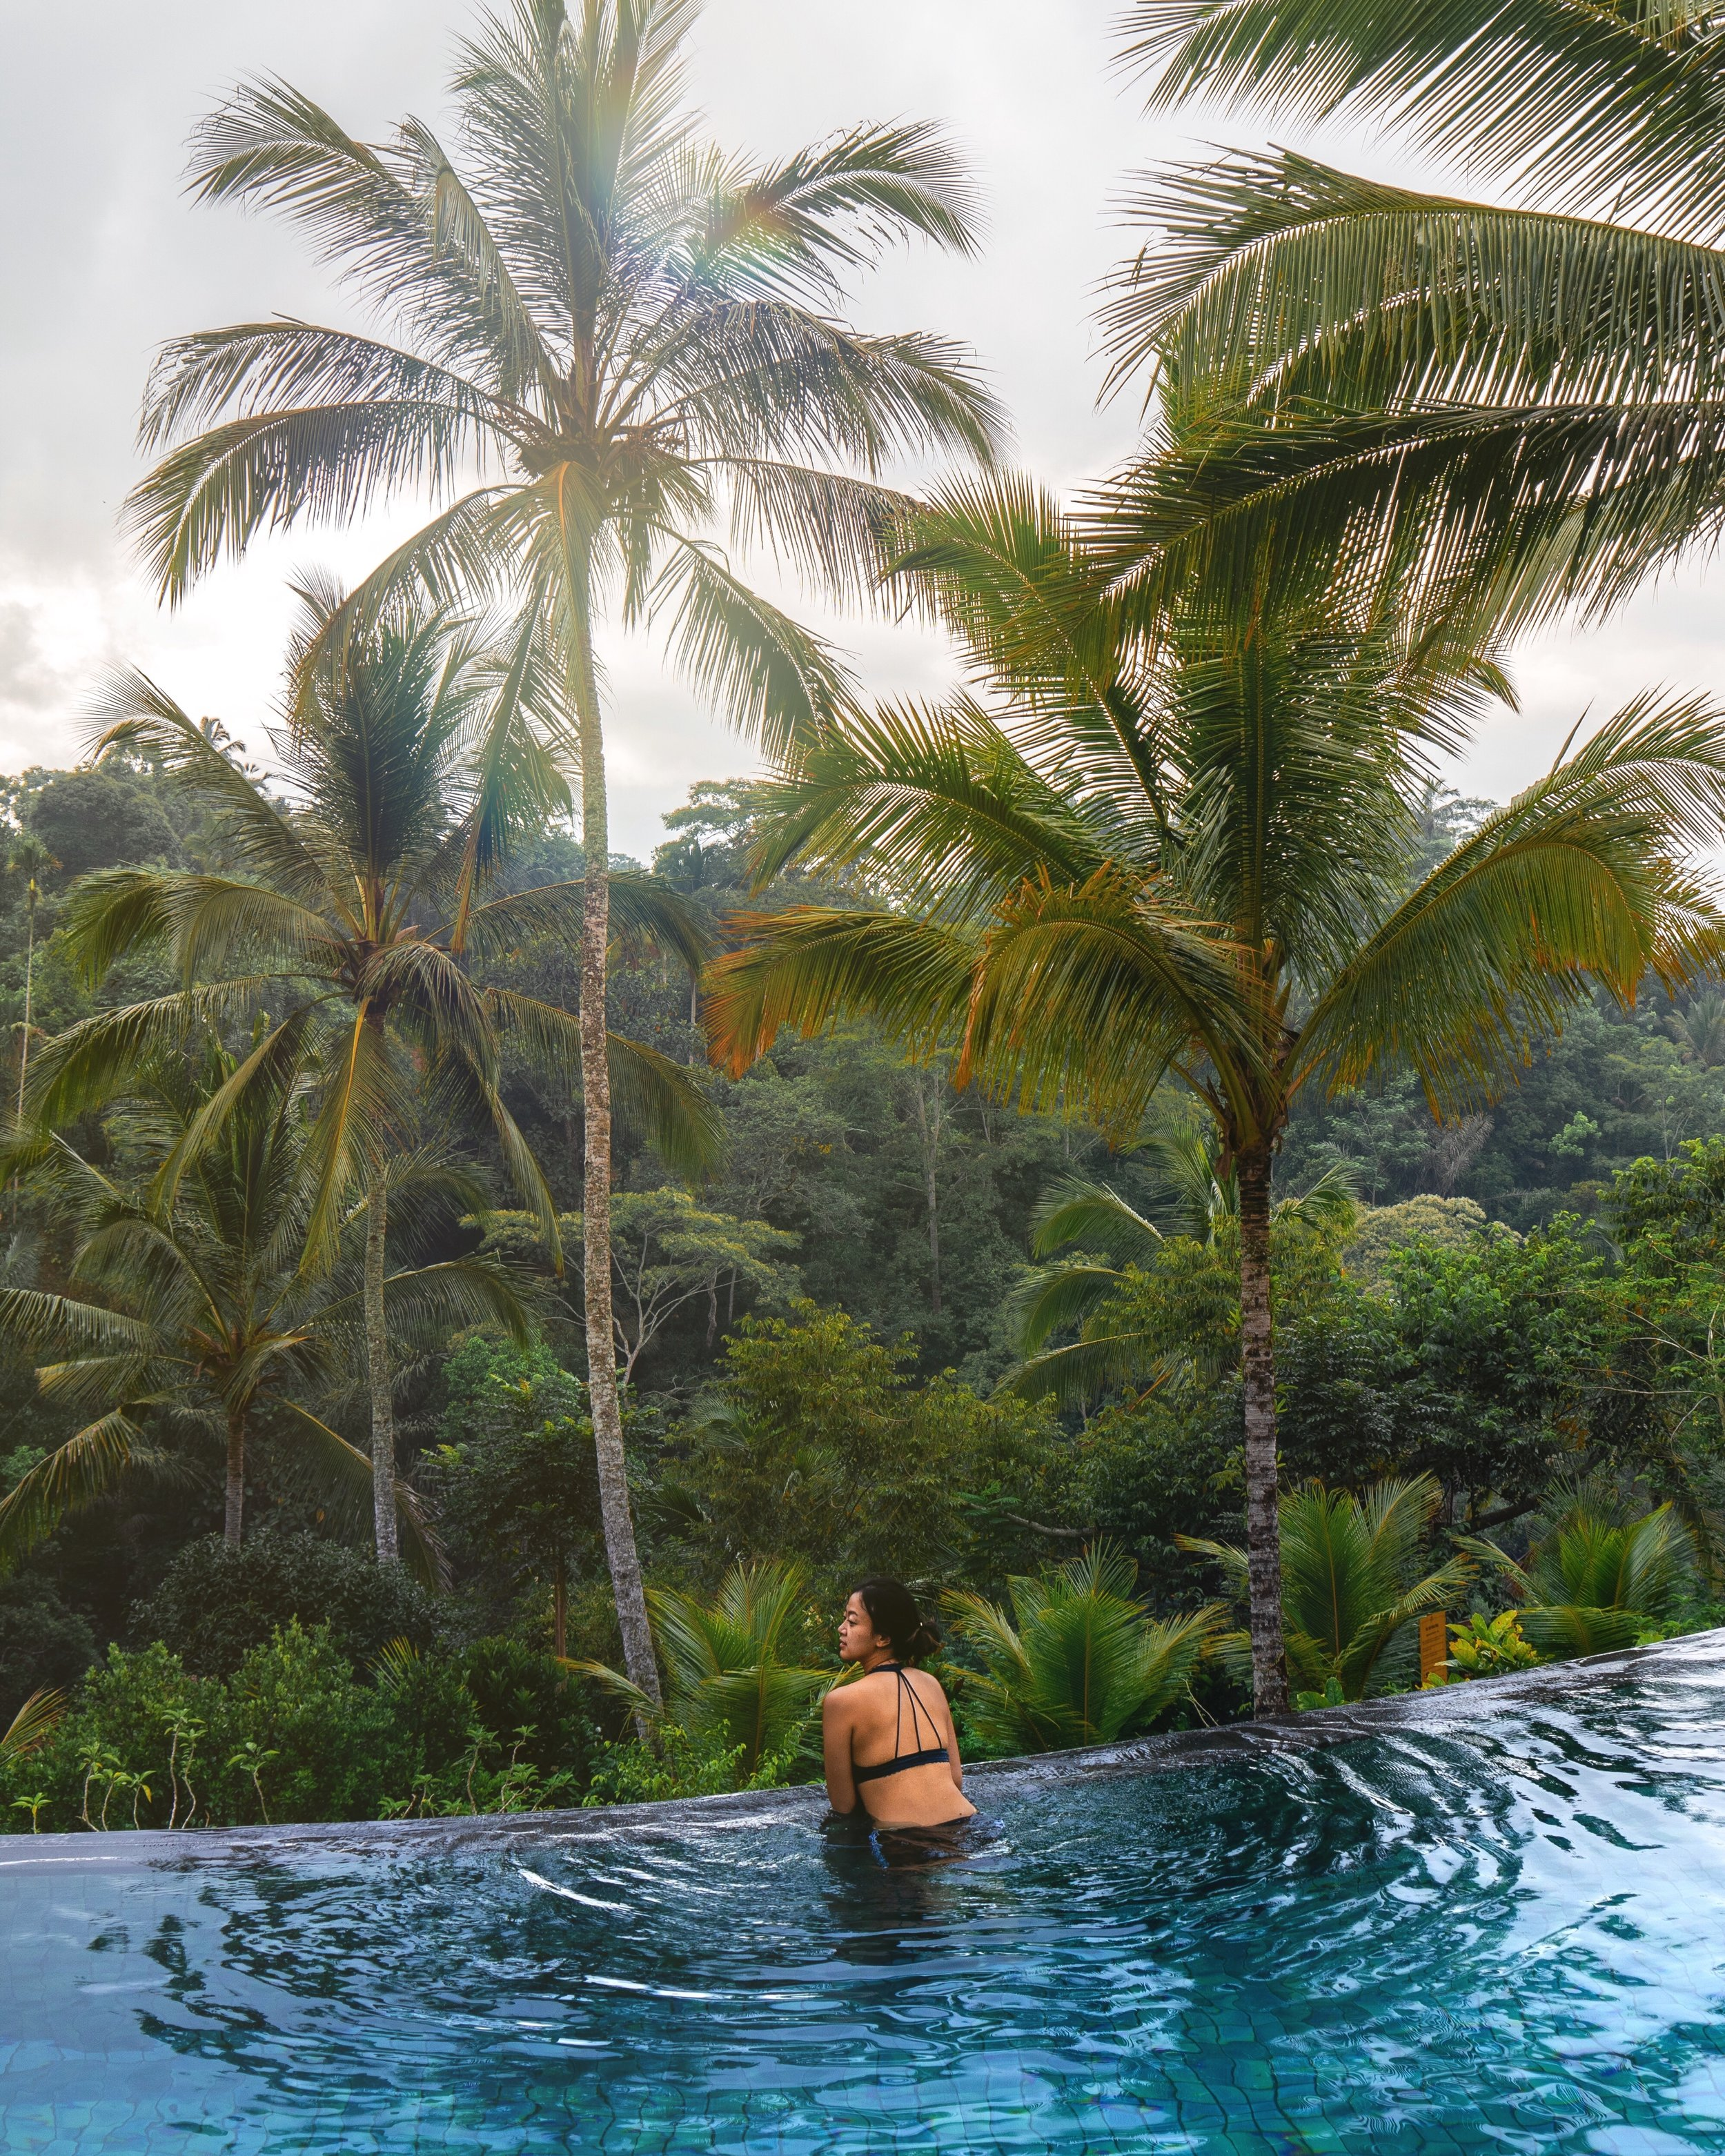 Padma, Ubud, Bali - Ellie Dyduch